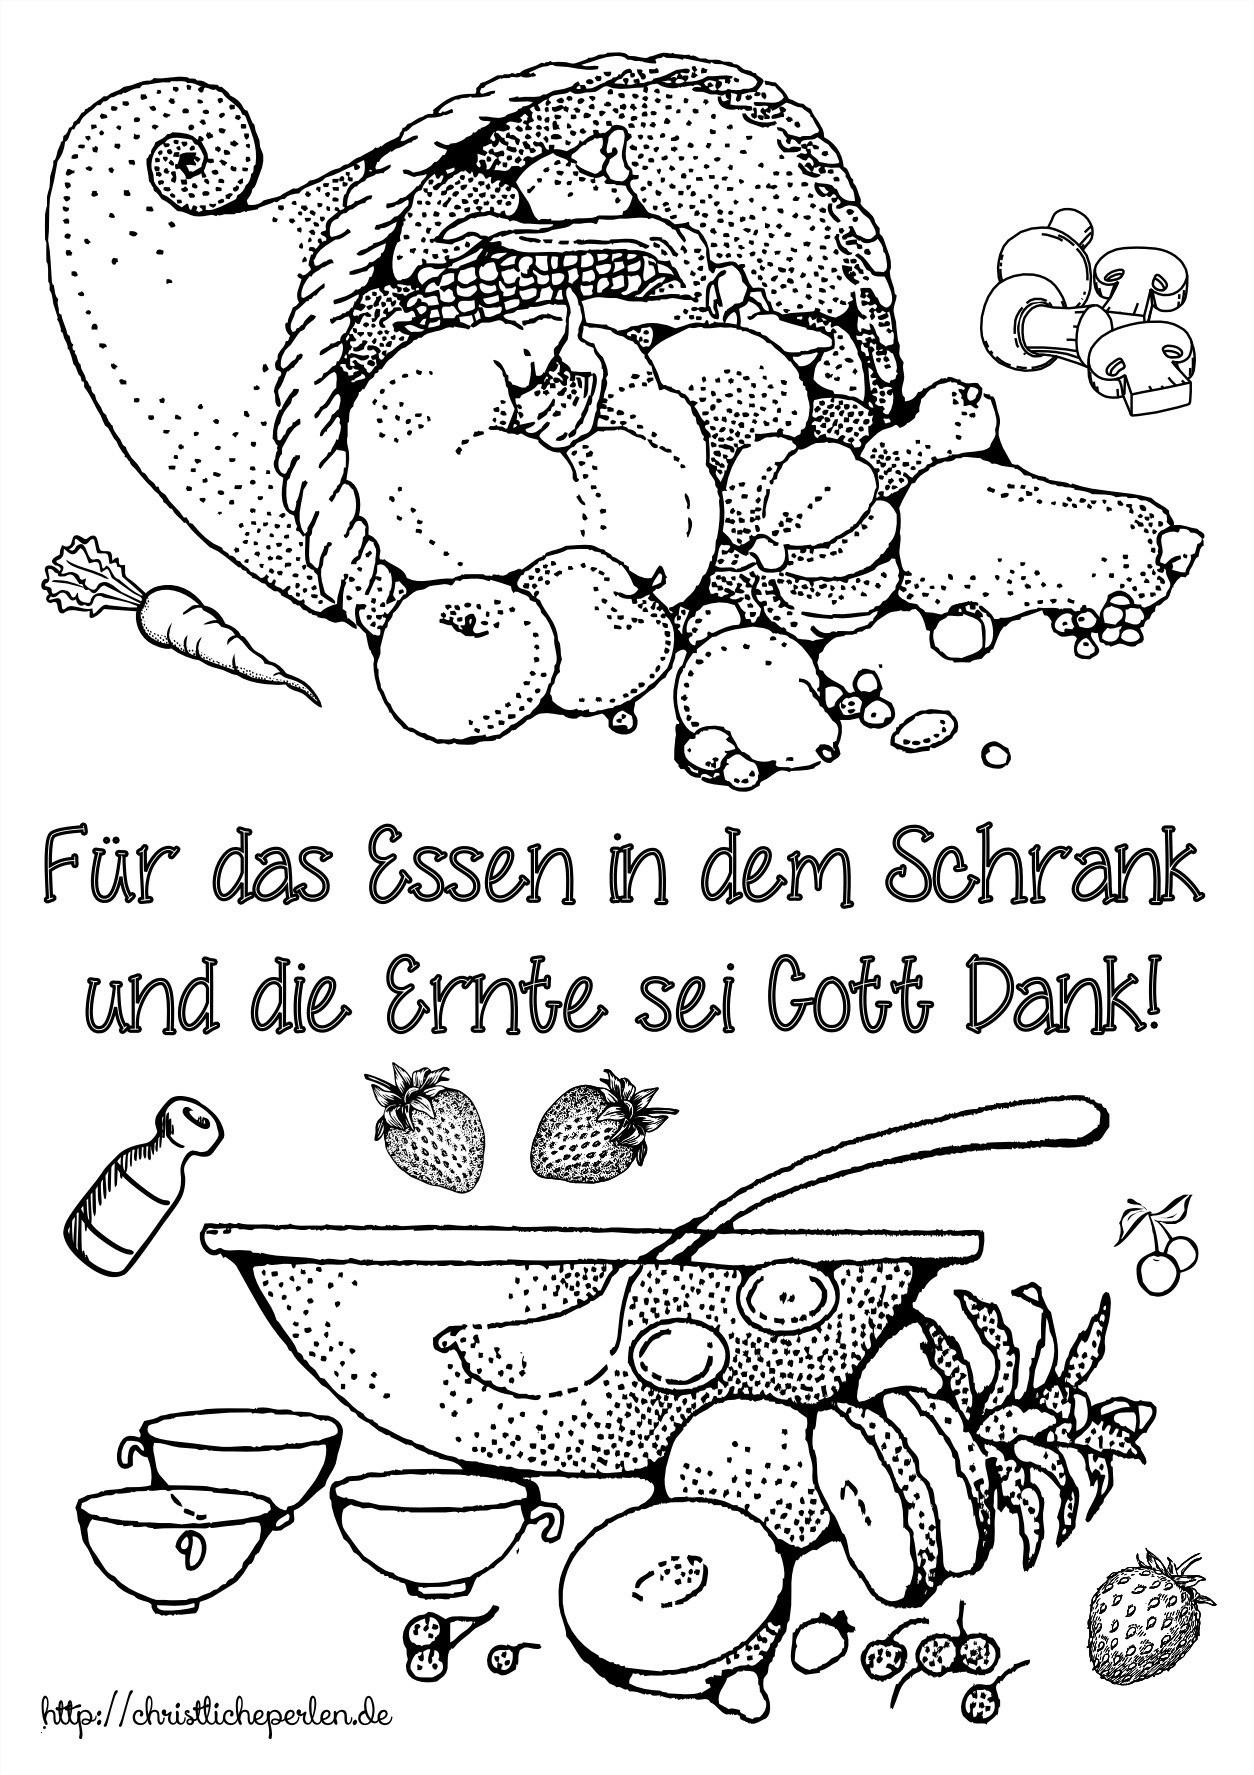 Prinzessin sofia Ausmalbilder Genial 37 sofia Die Erste Ausmalbilder Zum Ausdrucken Scoredatscore Neu Das Bild